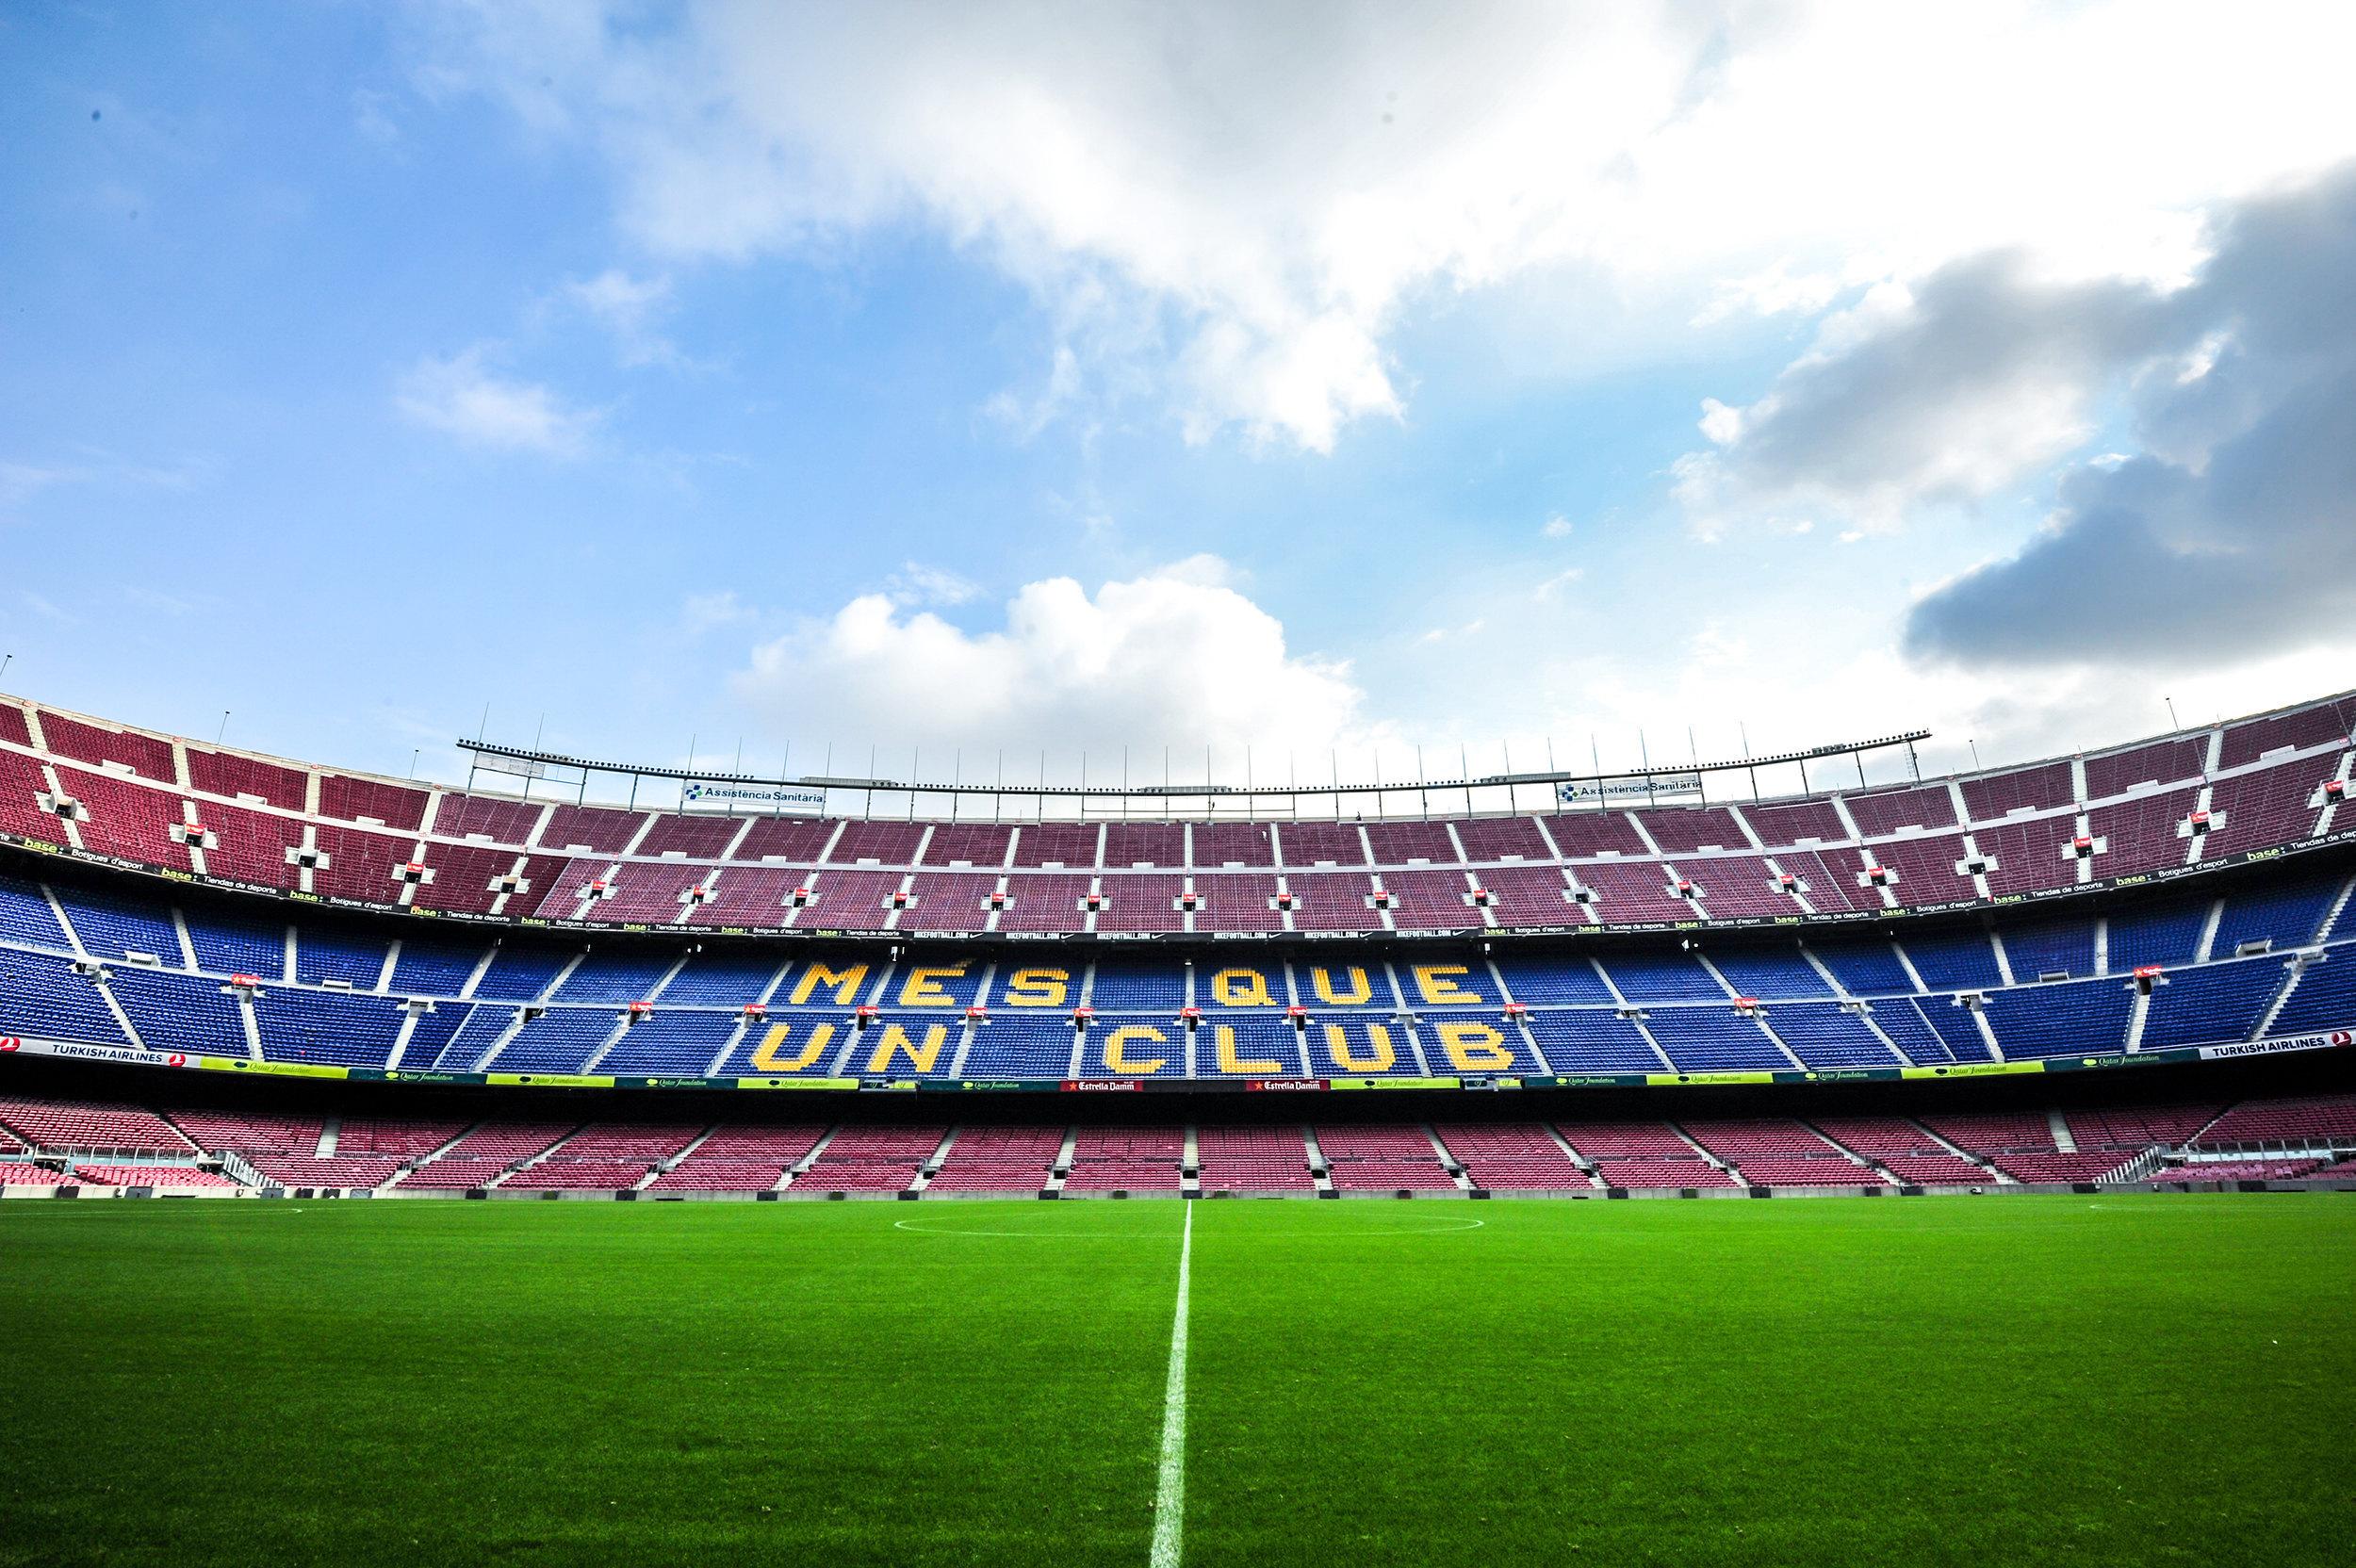 諾坎普球場 Camp Nou 門票(電子票/無需指定日期場次)